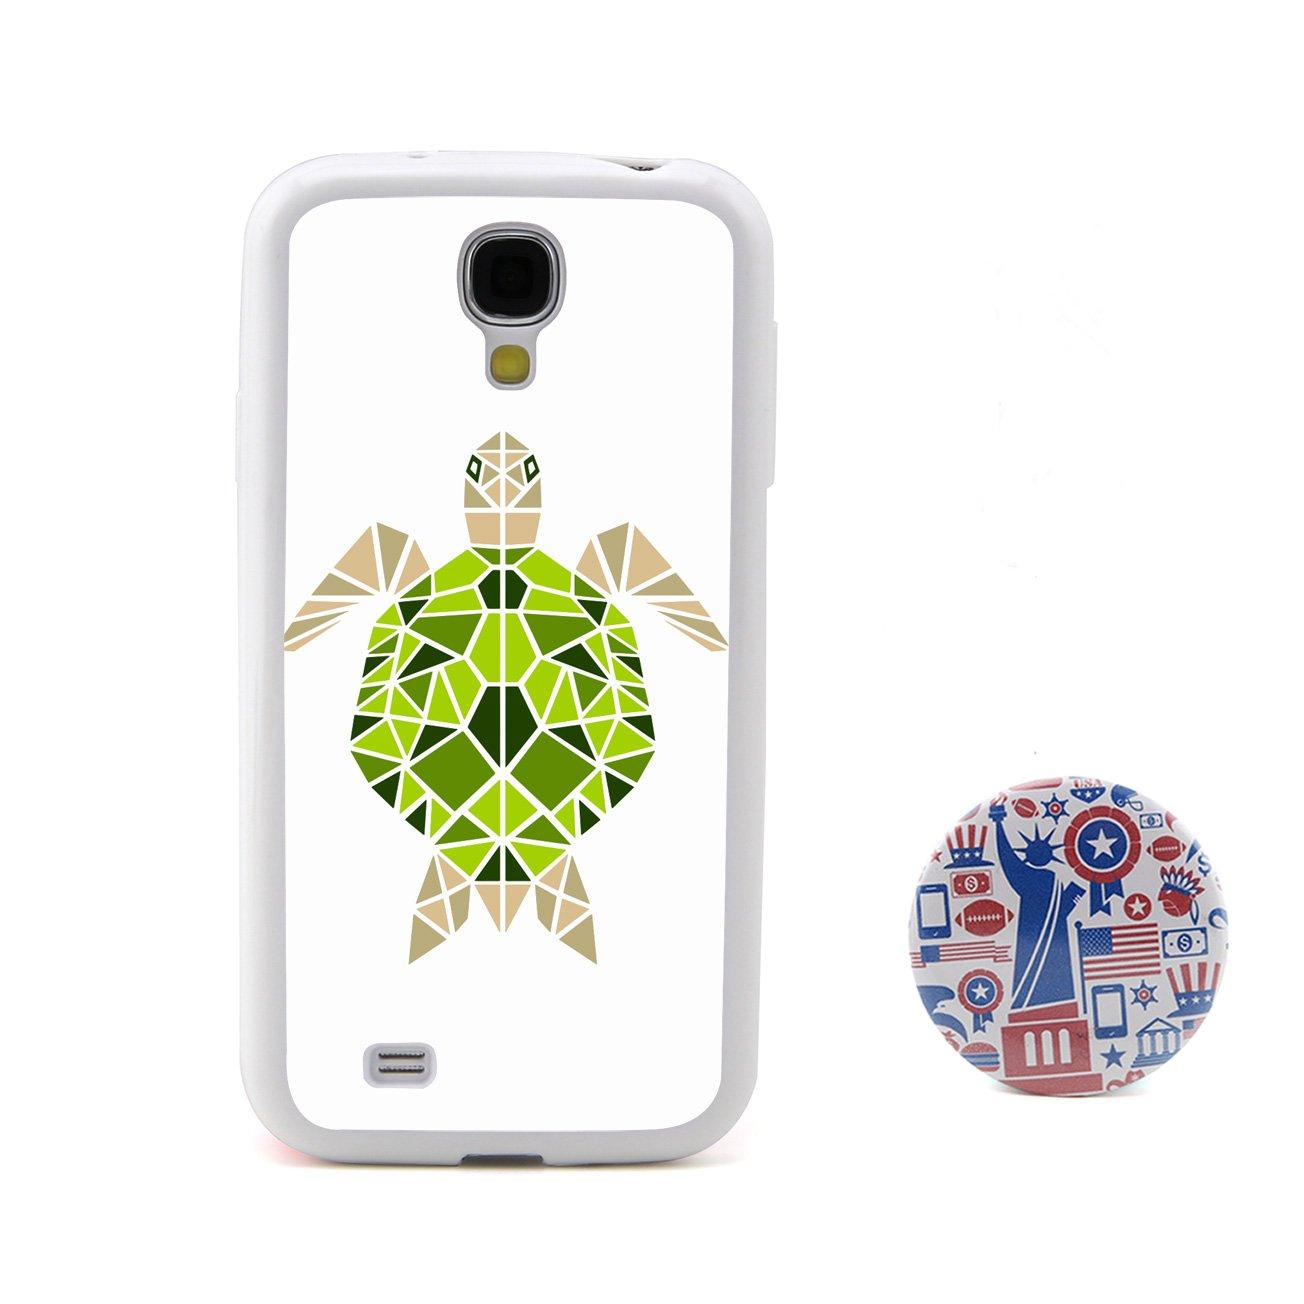 乌龟3d多边形动物头像浮雕设计风格 塑料 tpu手机壳 手机套 适用于